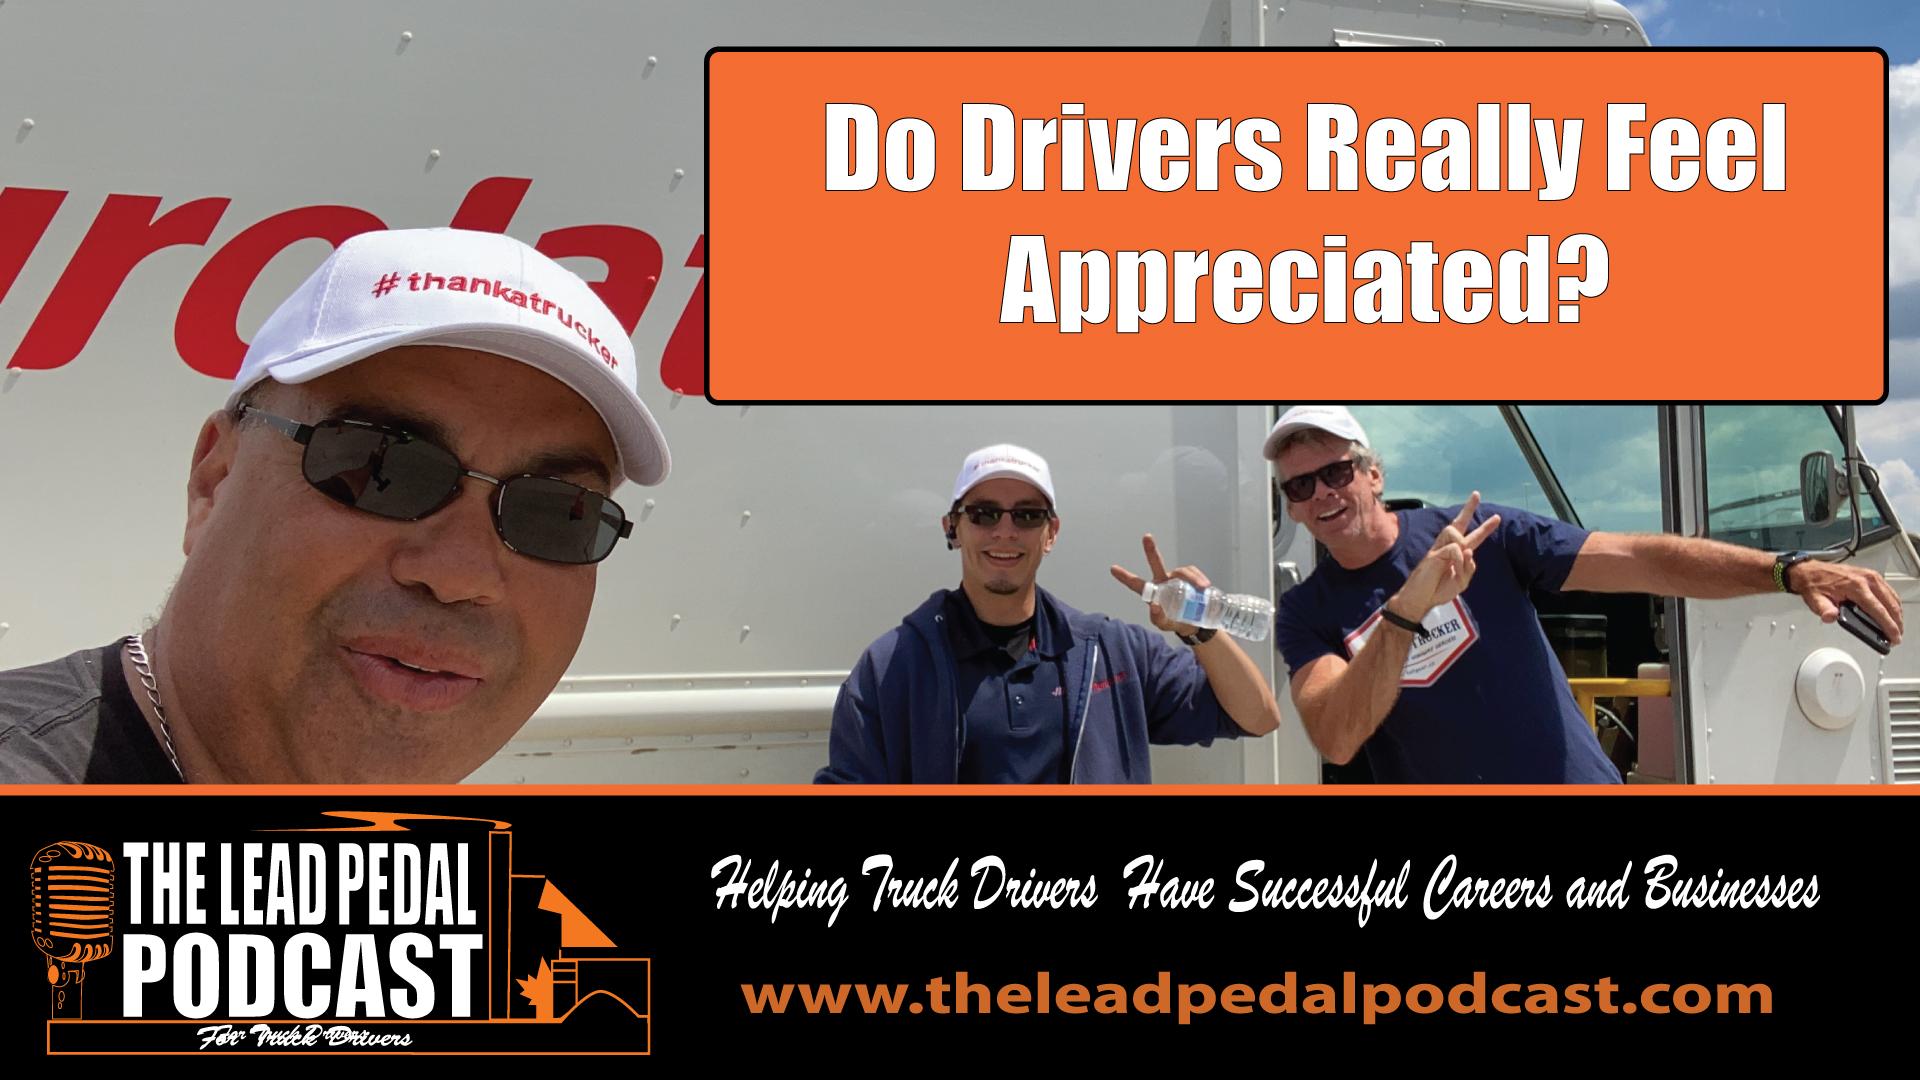 Appreciating Drivers